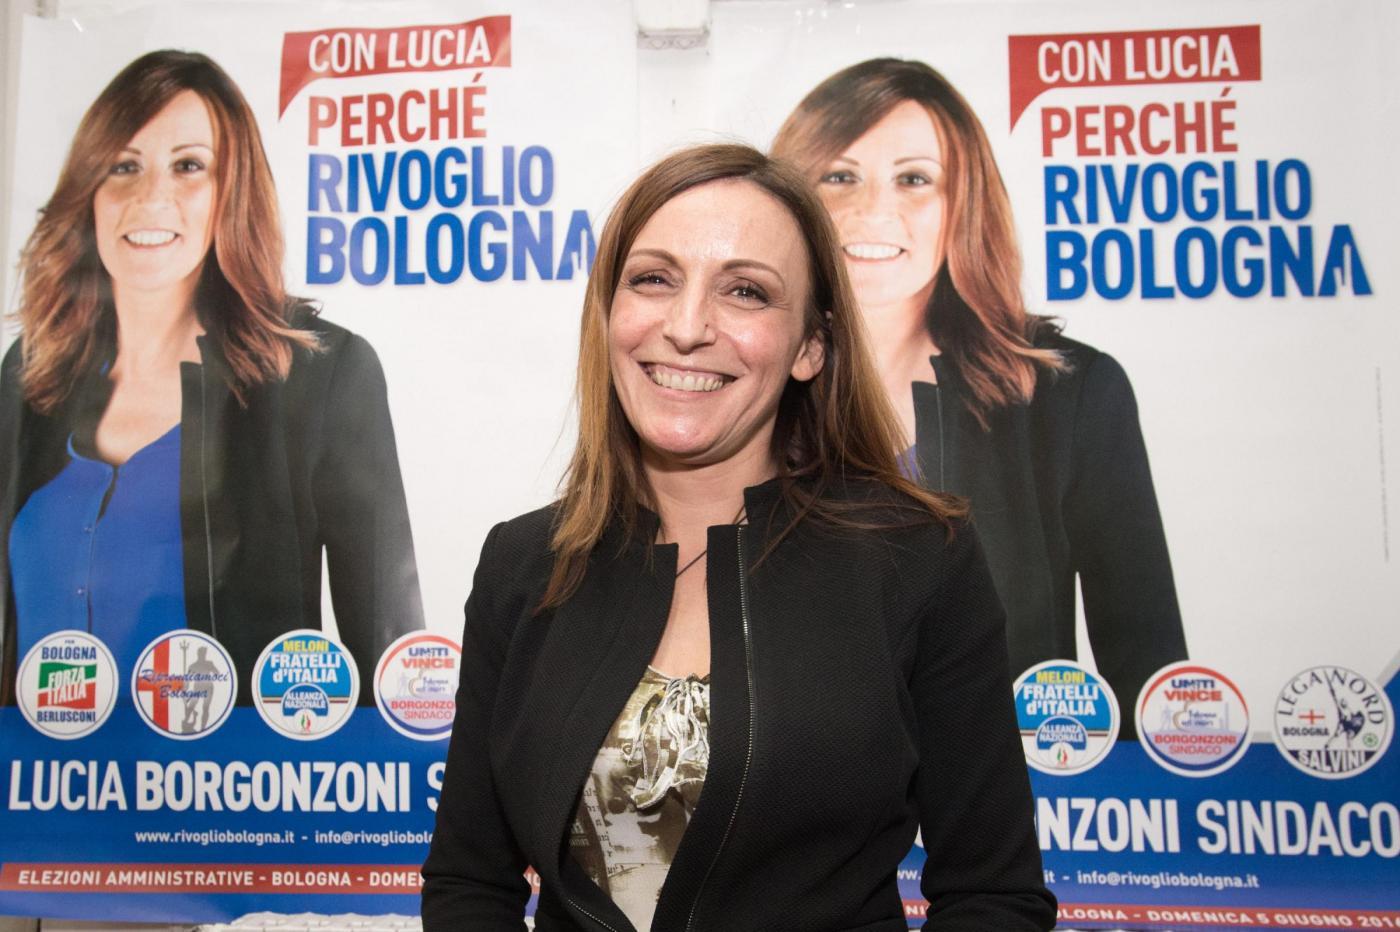 Chi è Lucia Borgonzoni, candidata sindaco della Lega Nord al ballottaggio di Bologna